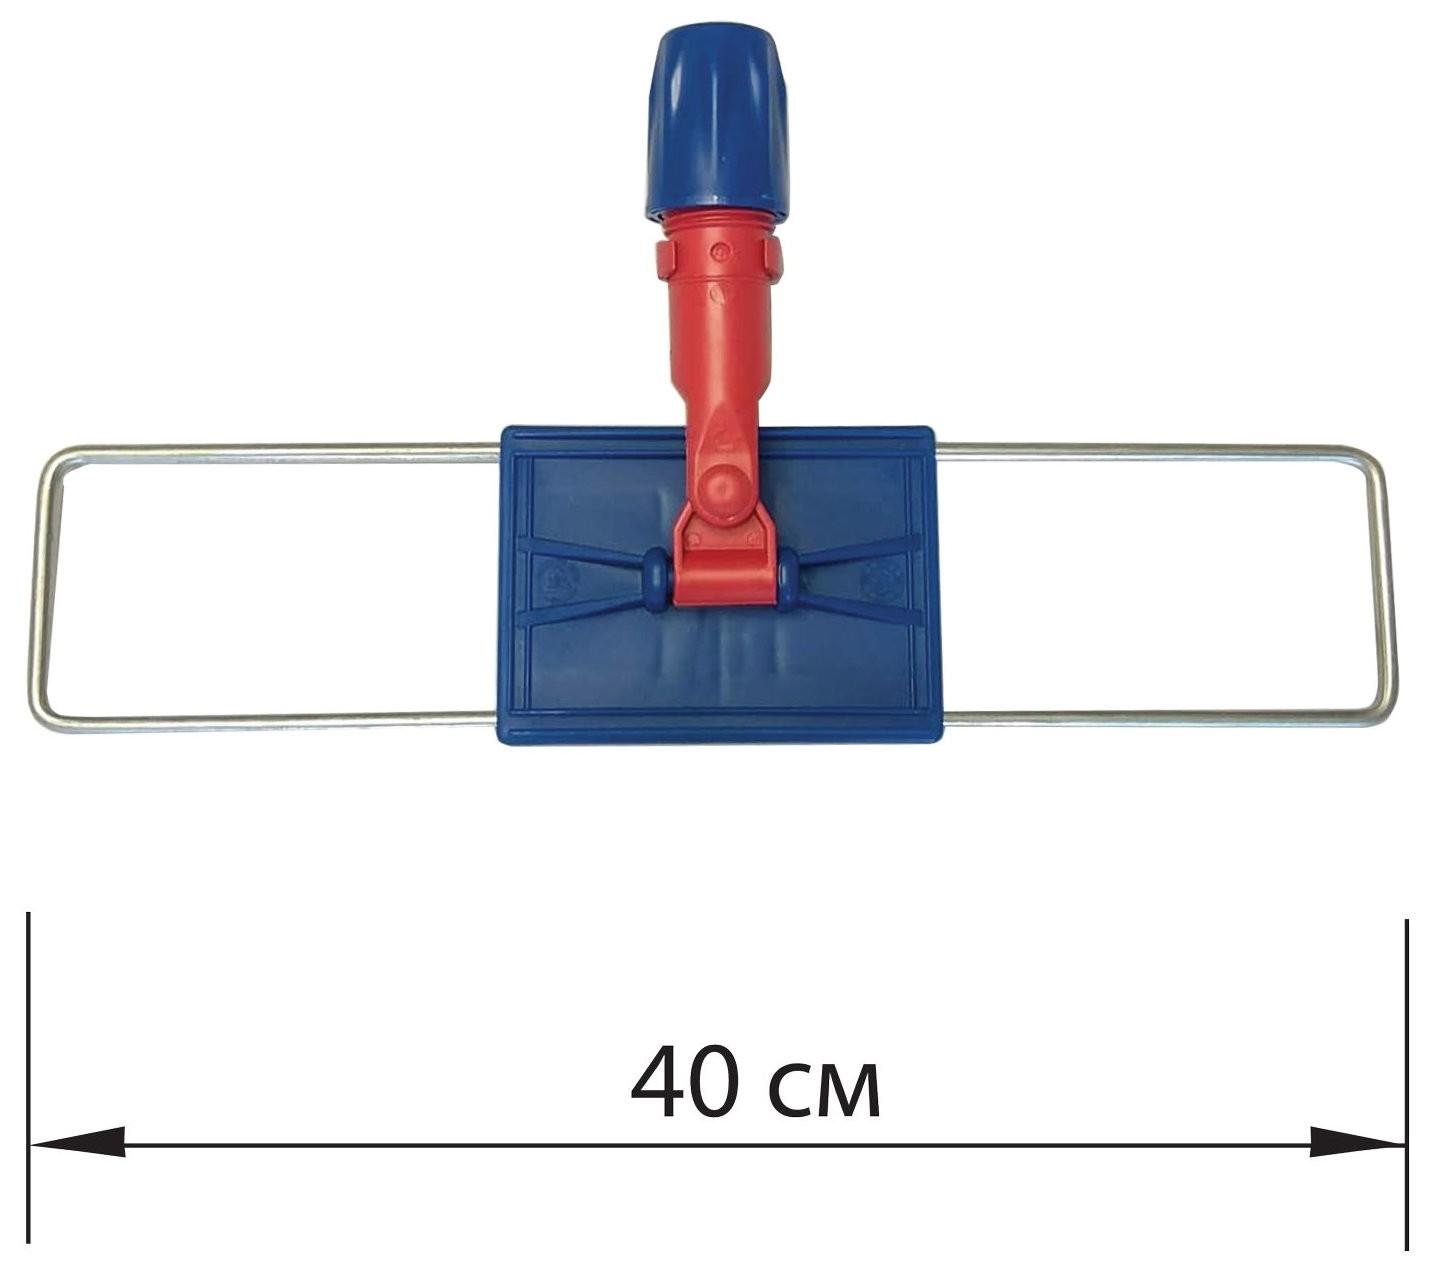 Держатель-рамка 40 см для плоских мопов, крепление для черенков тип A  Лайма